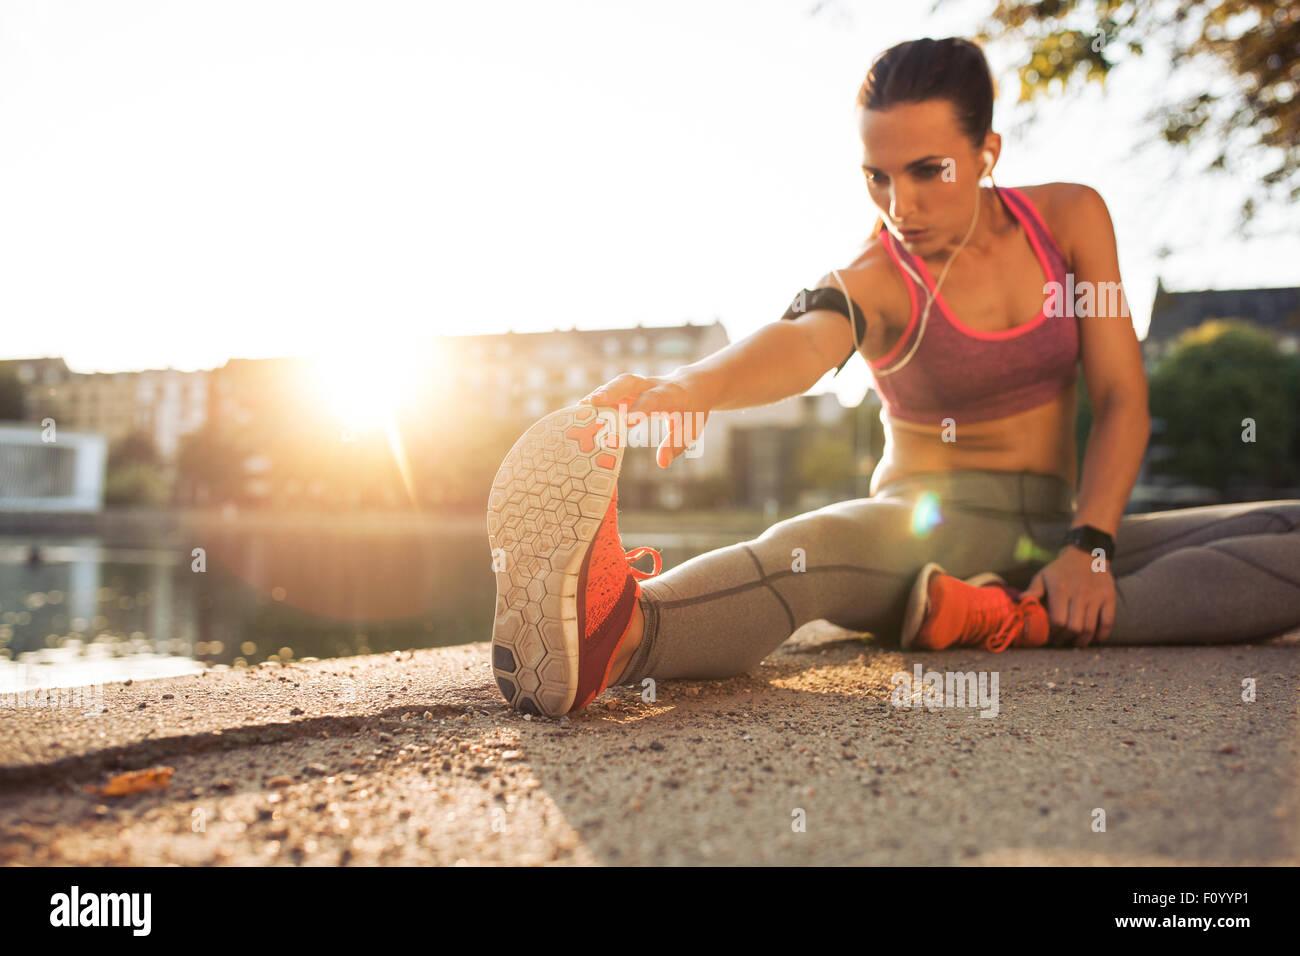 Mujer Fitness estiramientos antes de correr. Los jóvenes corredoras estirando los músculos antes de una sesión de Foto de stock